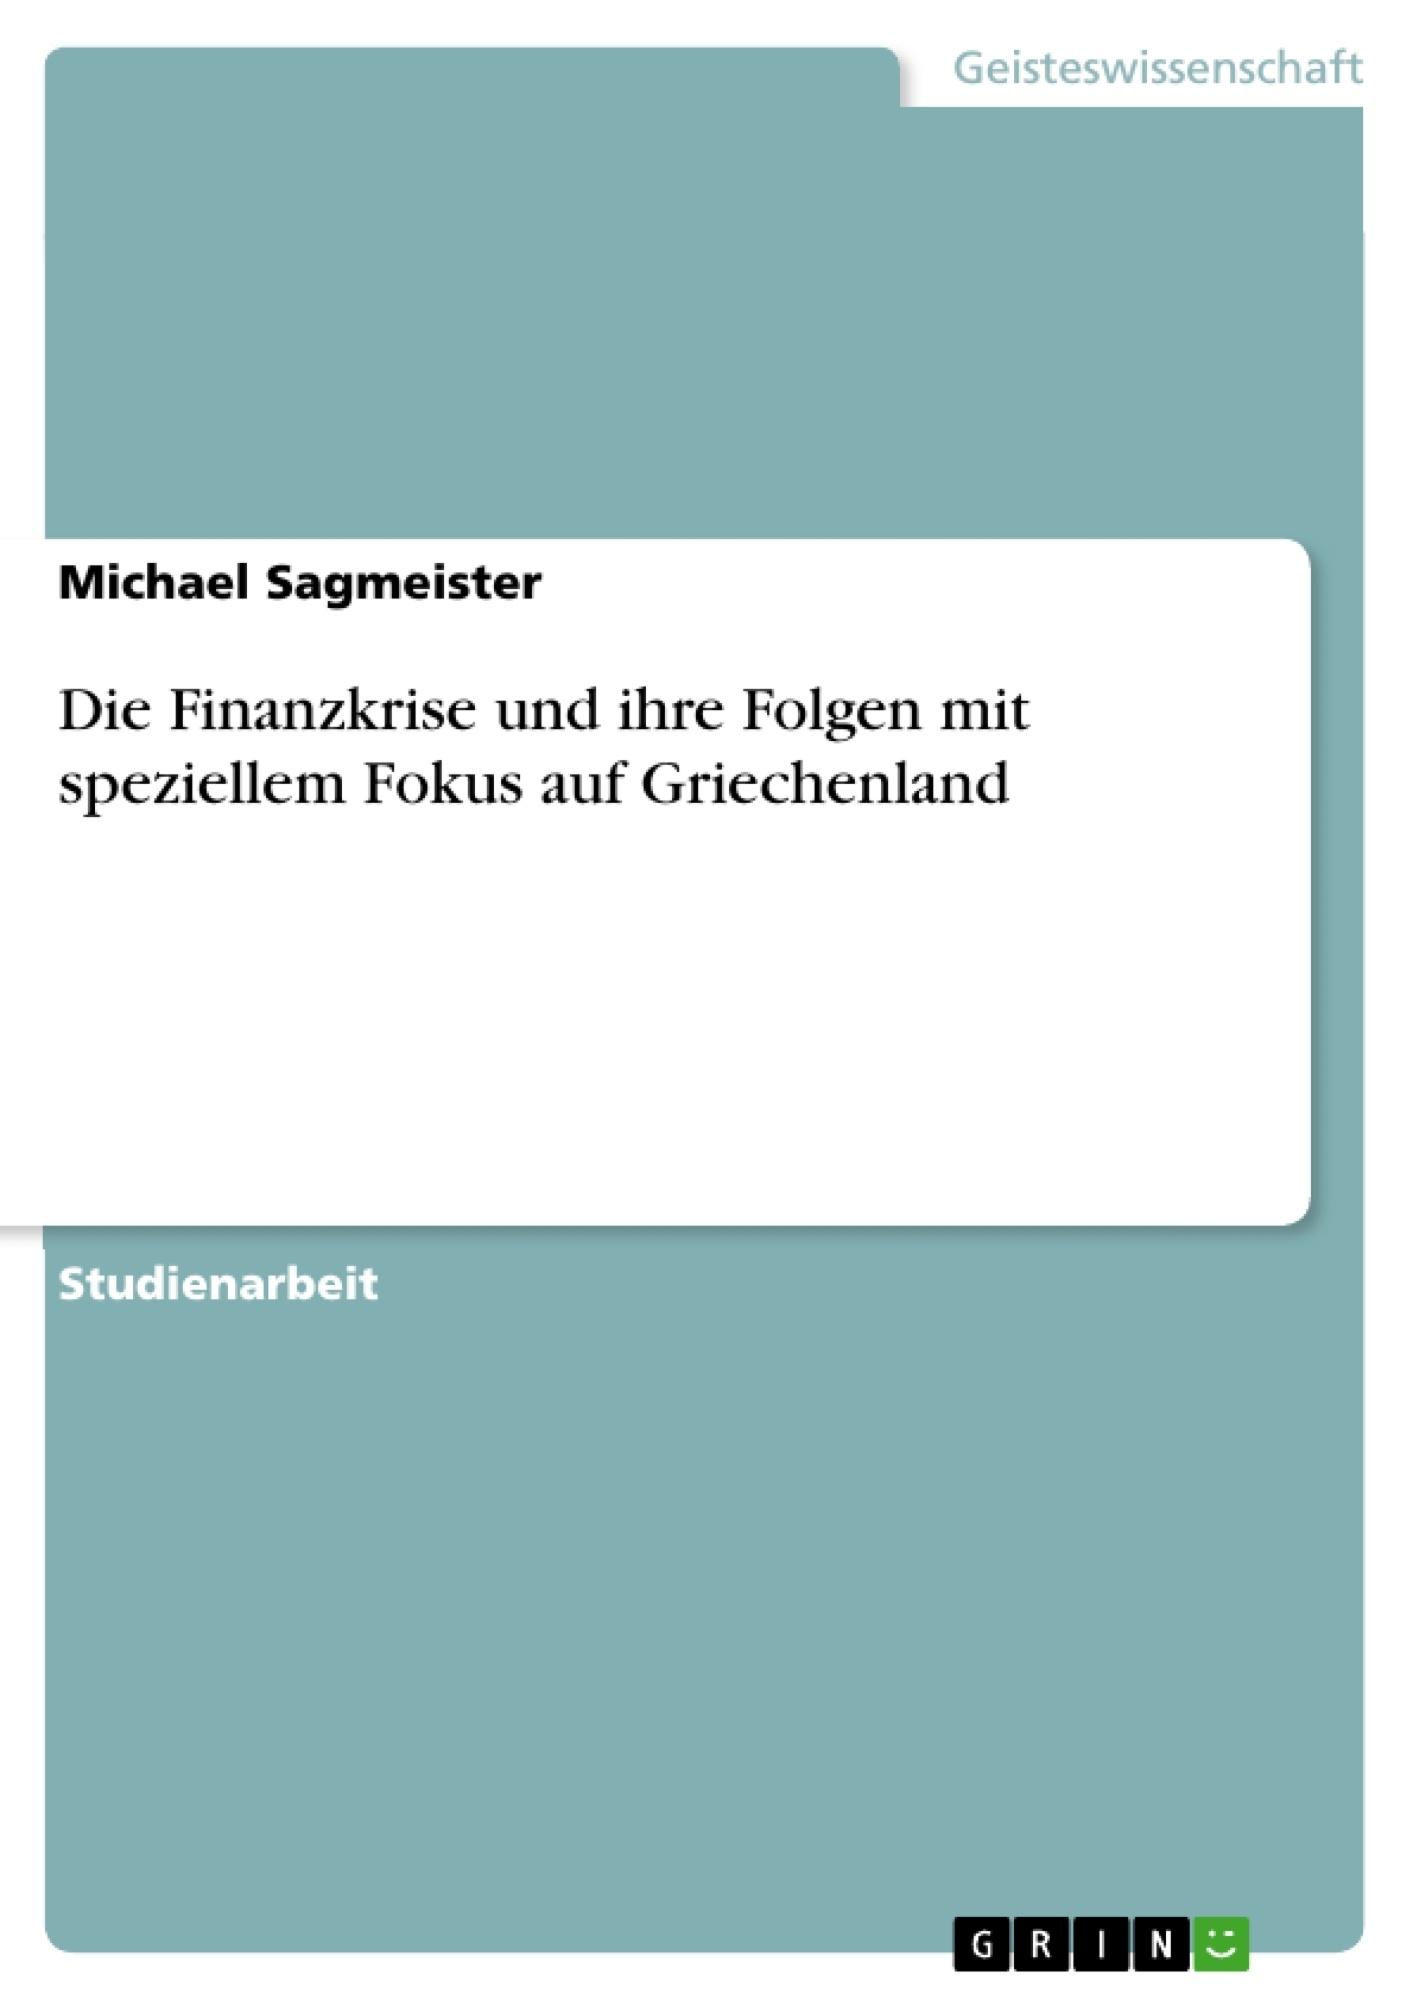 Titel: Die Finanzkrise und ihre Folgen mit speziellem Fokus auf Griechenland